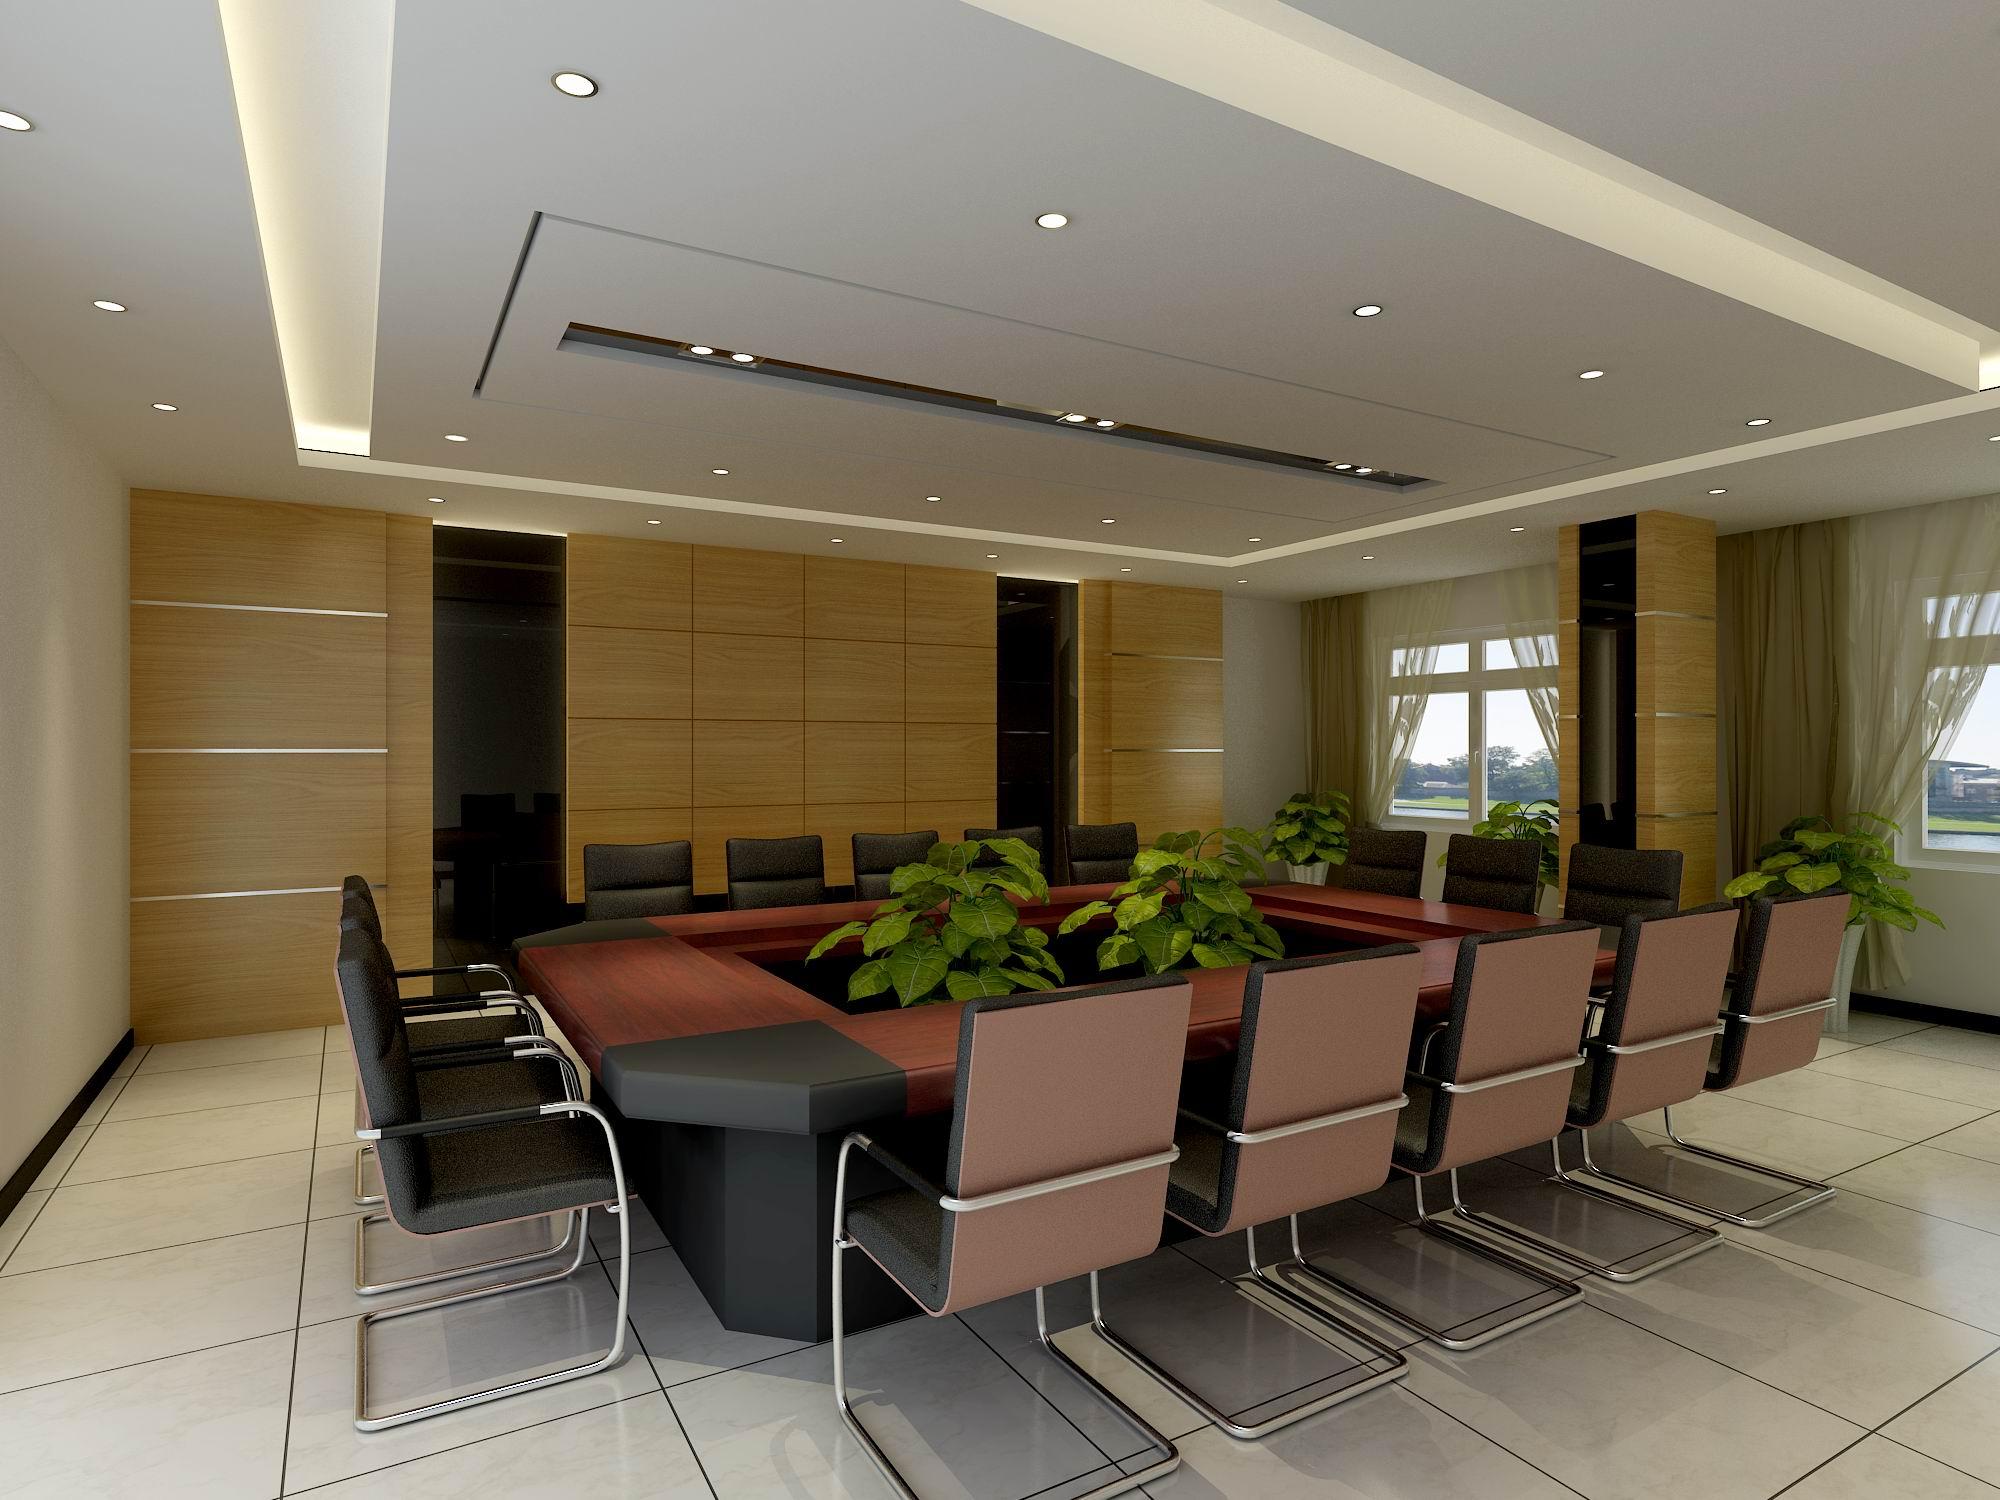 会议室效果图施工图             会议室效果图施工图,小会议室,学习